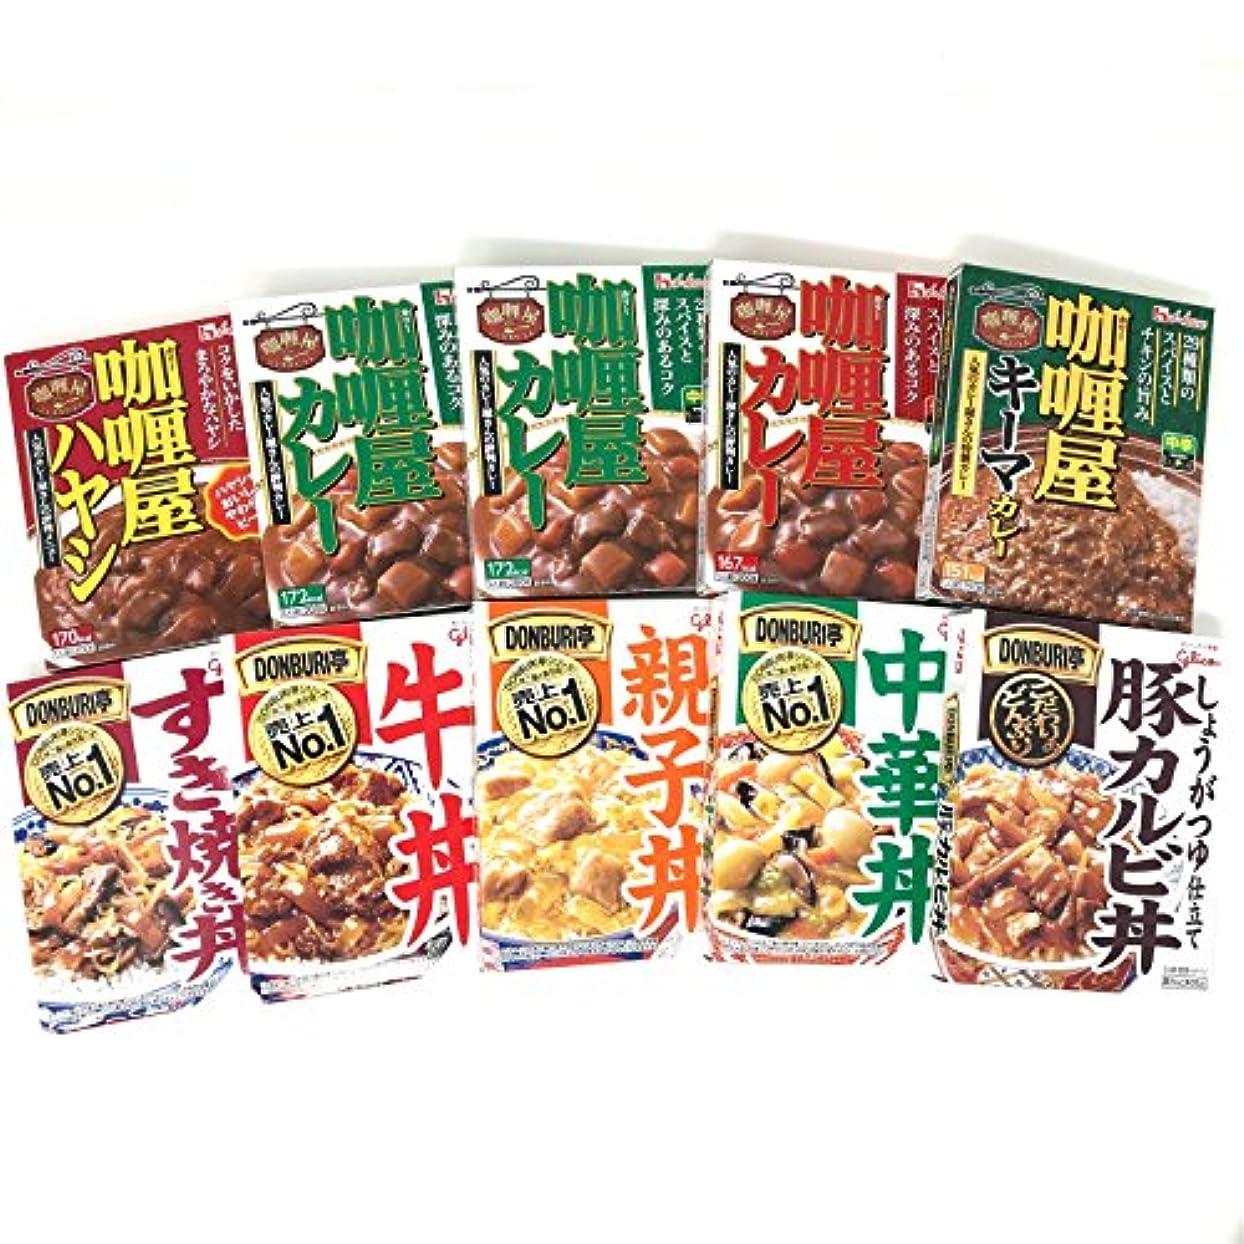 大事にする笑いスープカリー屋カレー&どんぶり亭アソートセット10食シリーズ1